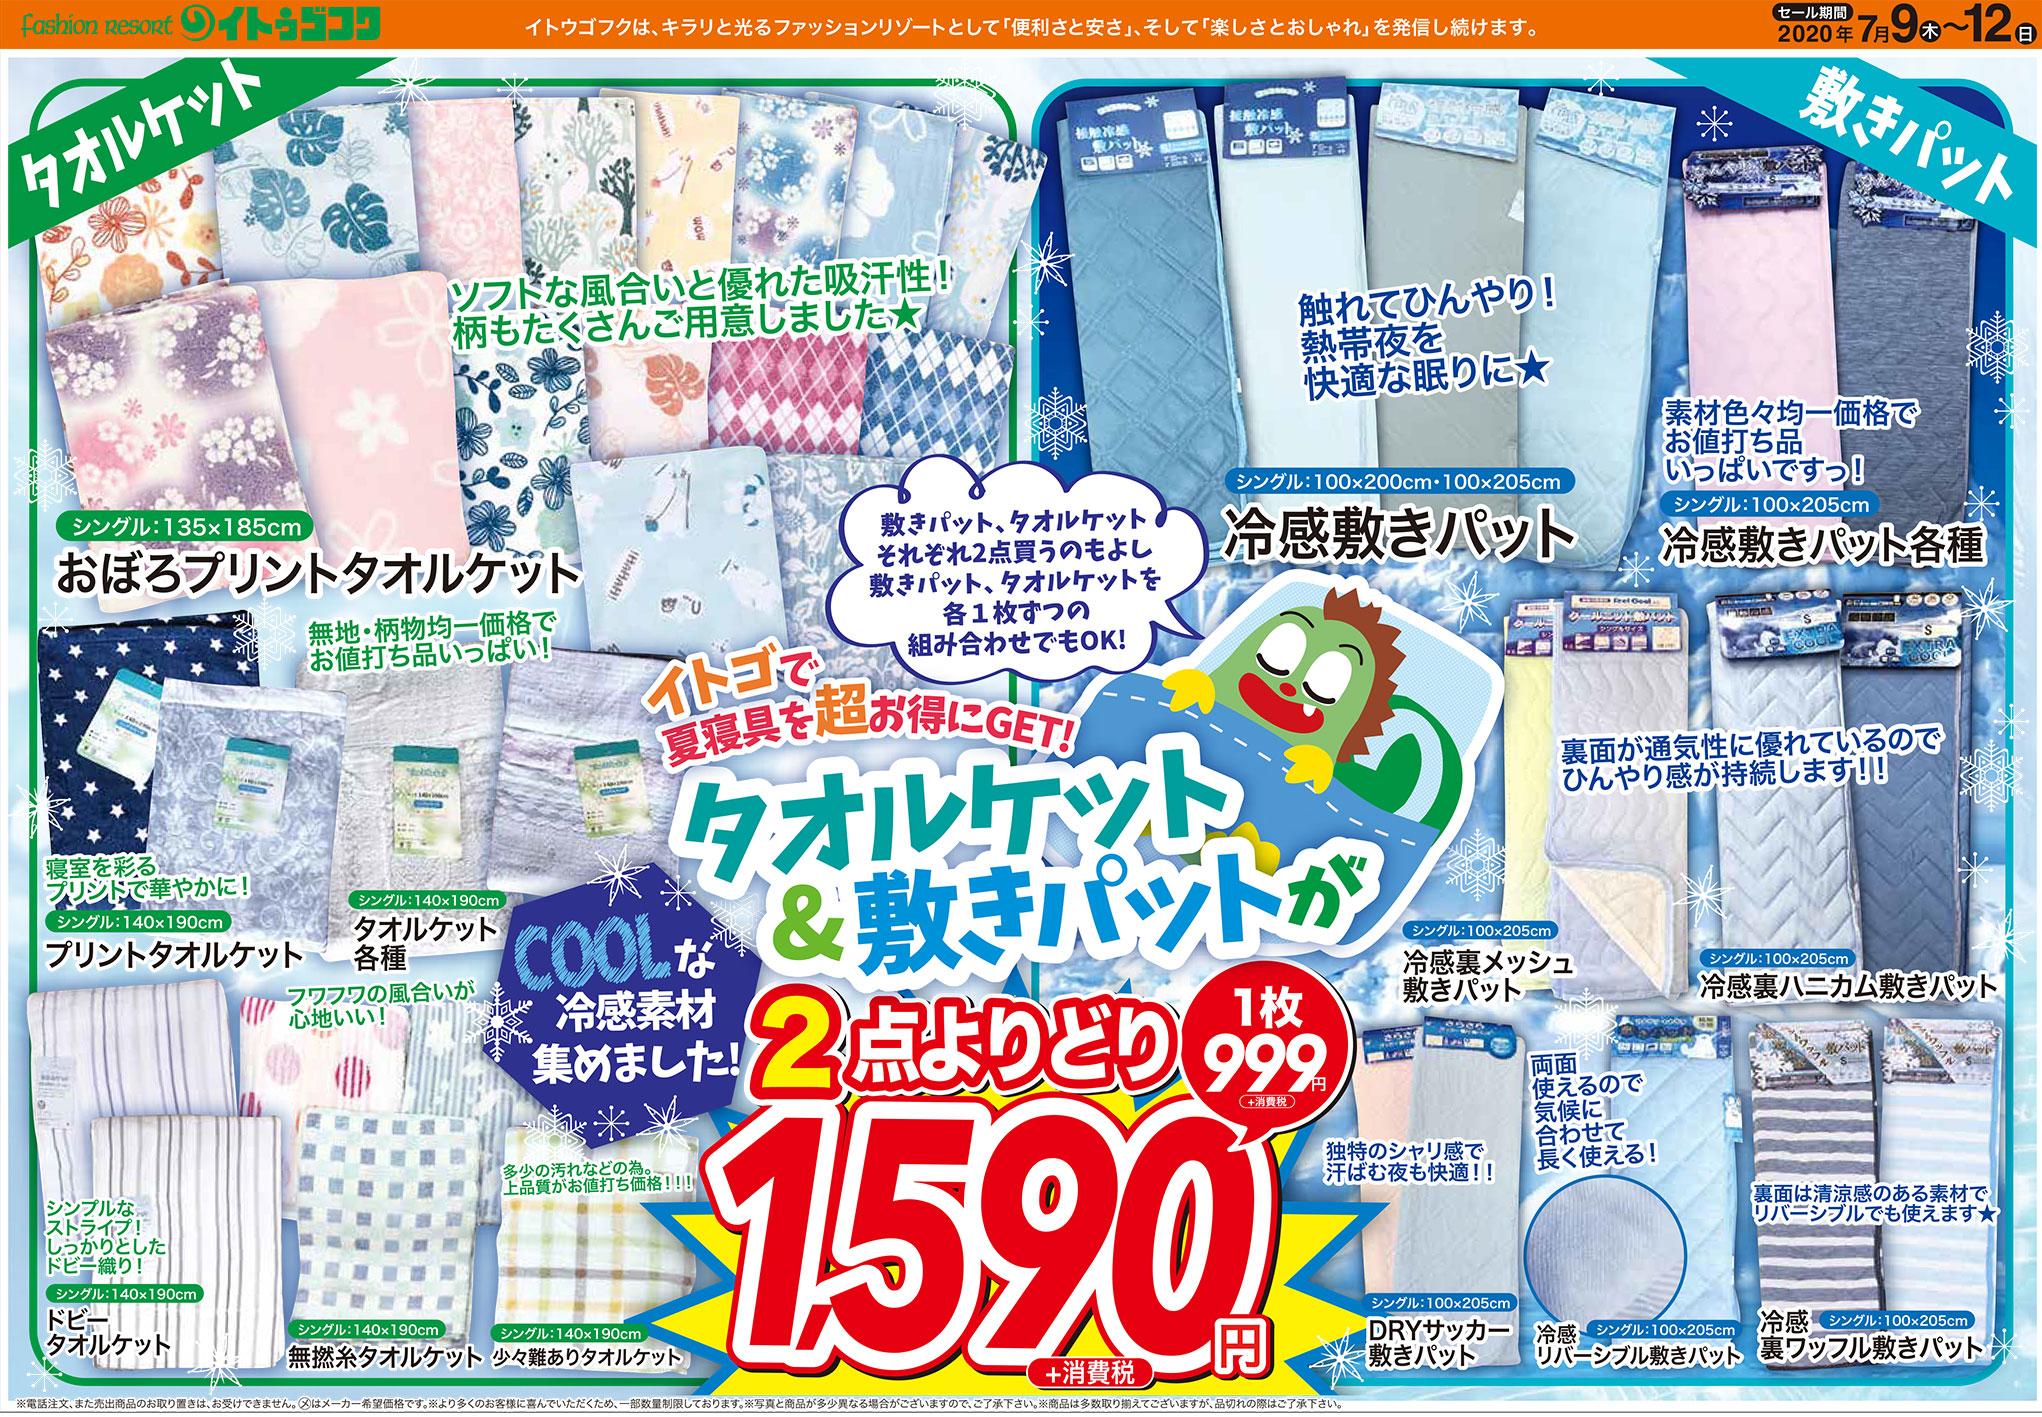 7月9日(木)〜12日(日)「タオルケット&敷きパットよりどりSALE」